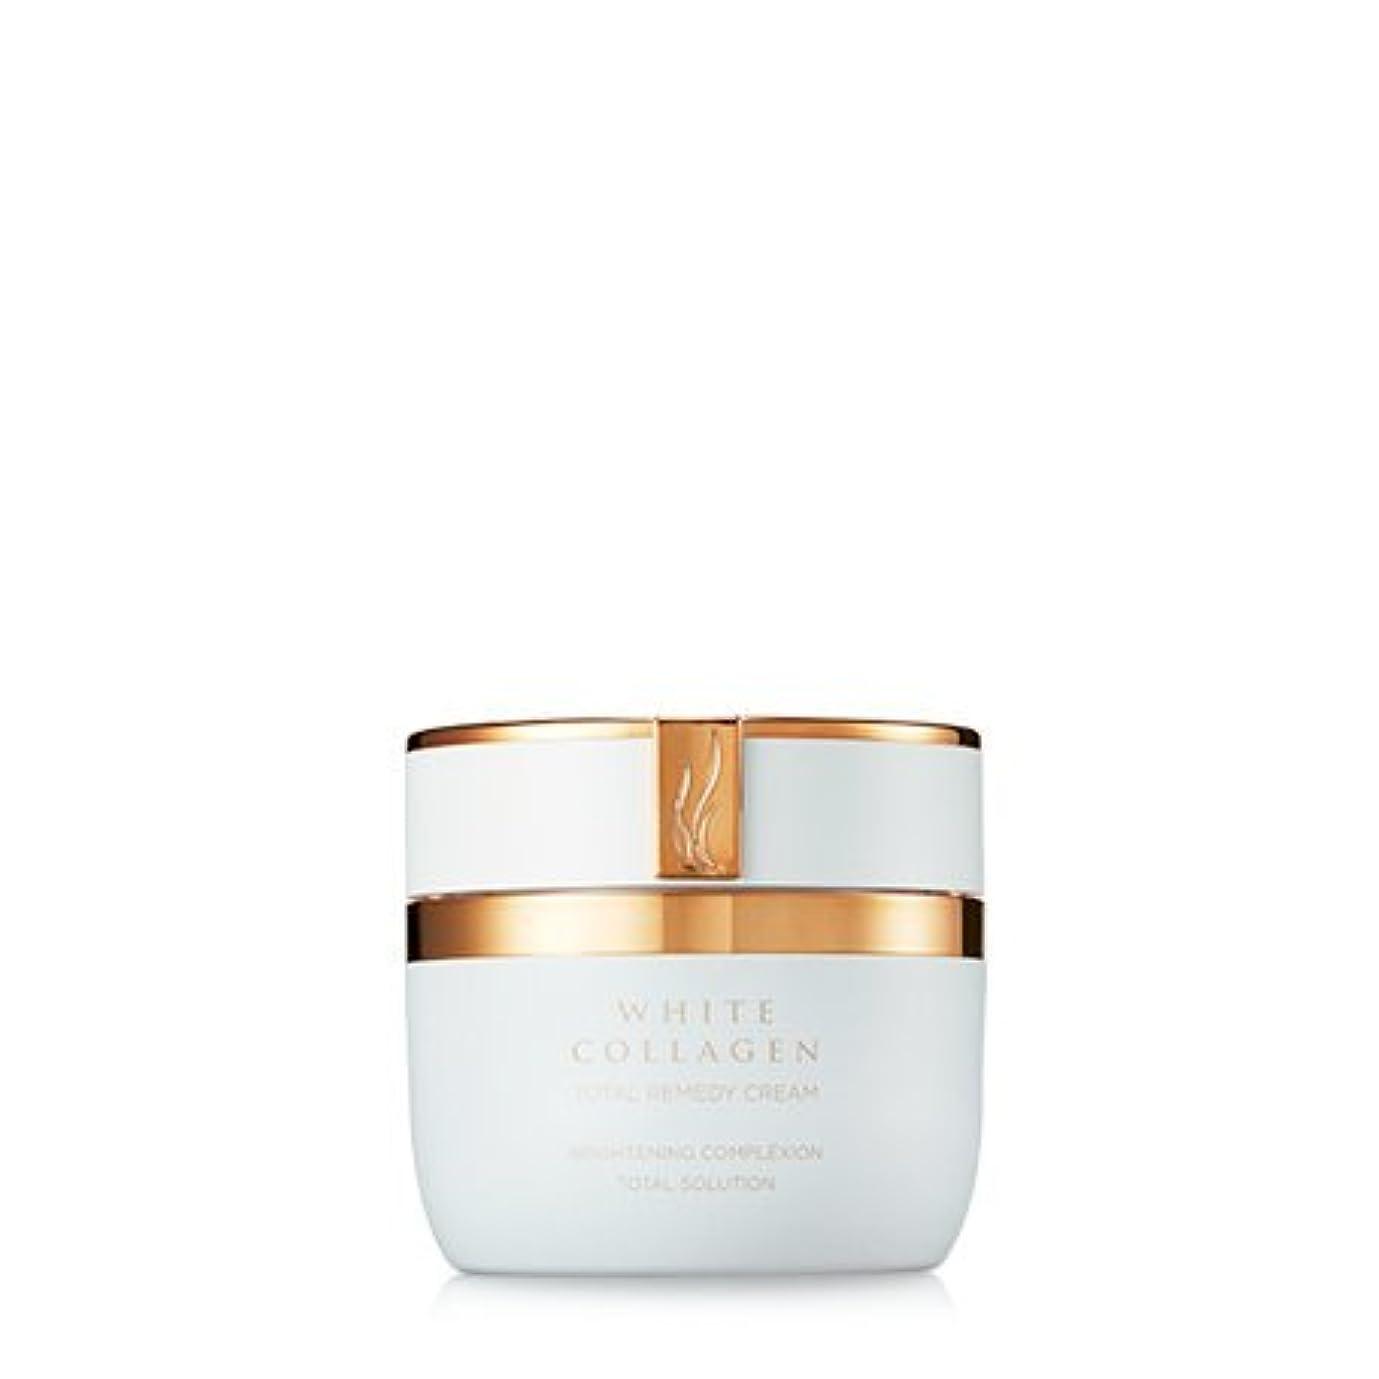 したがってのホスト休憩[New] A.H.C (AHC) White Collagen Total Remedy Cream 50g/A.H.C ホワイト コラーゲン トータル レミディ クリーム 50g [並行輸入品]